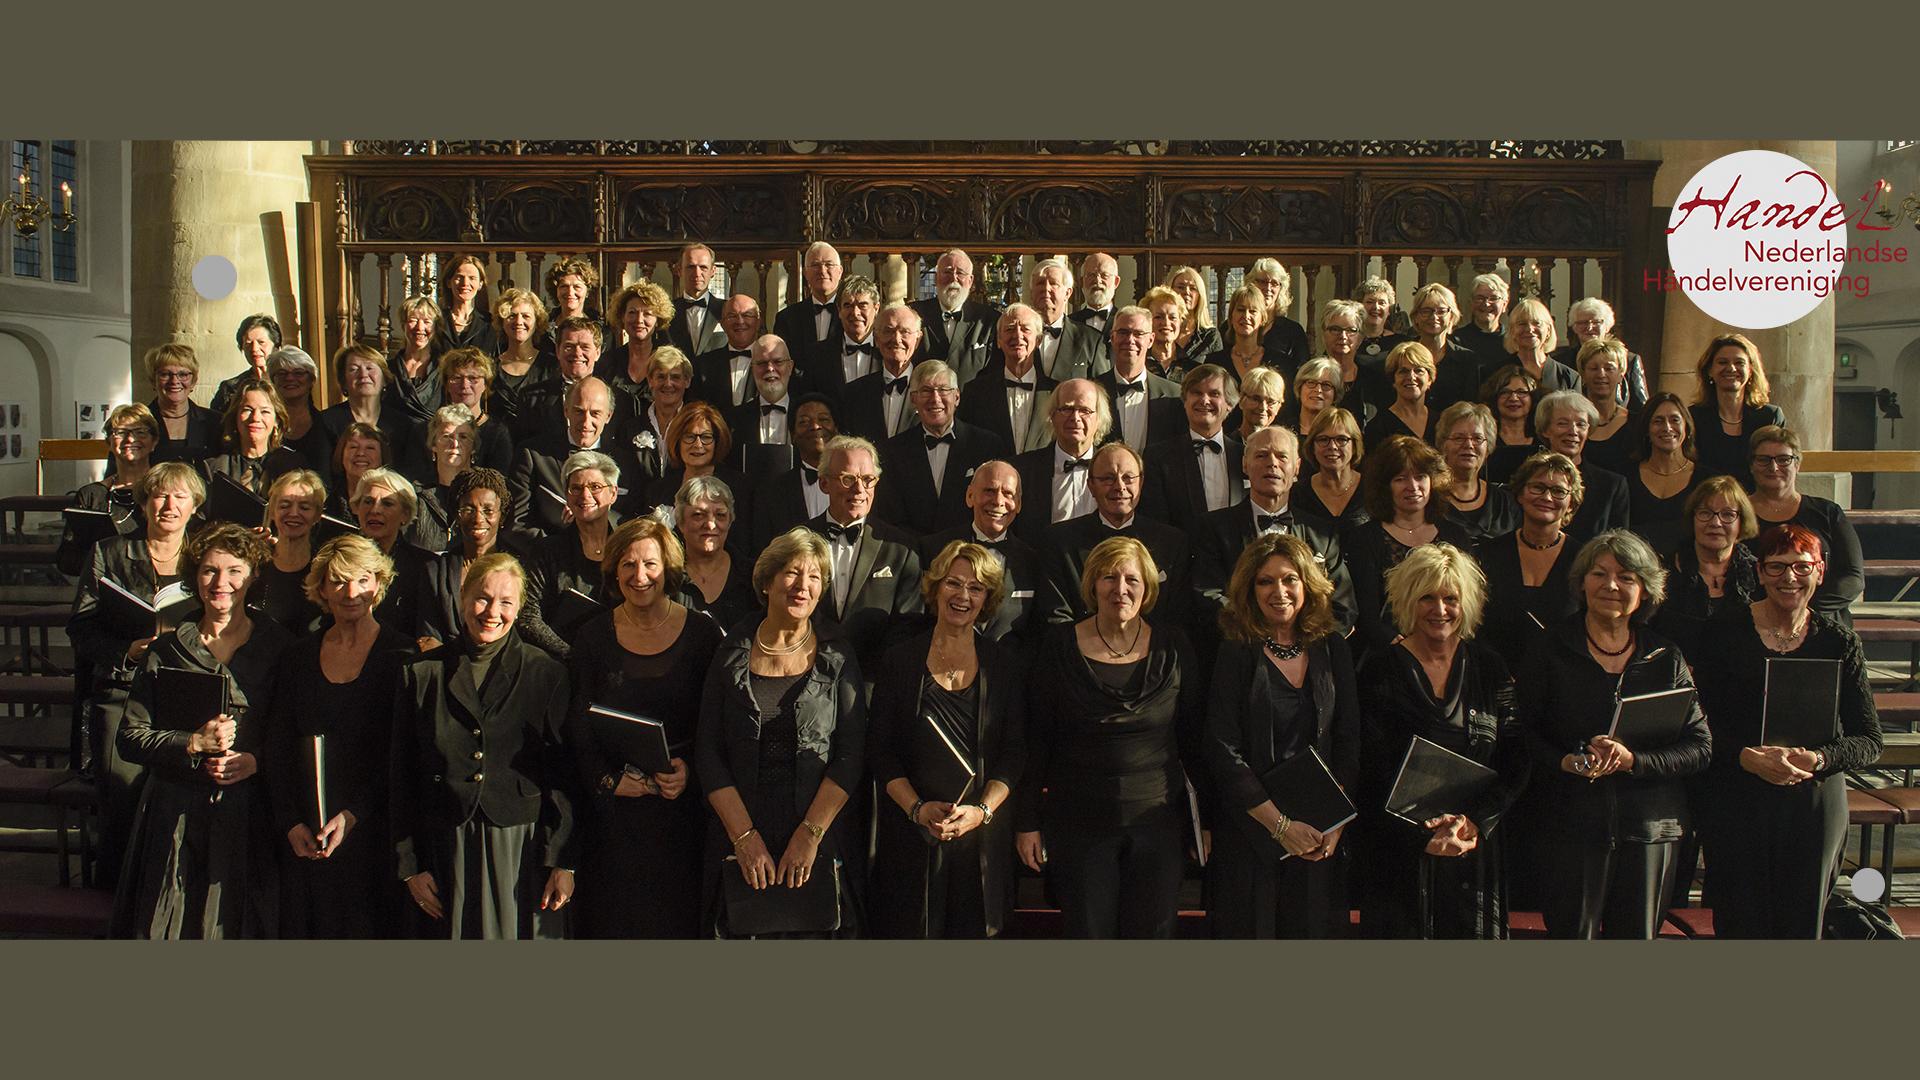 Nederlandse Händelvereniging